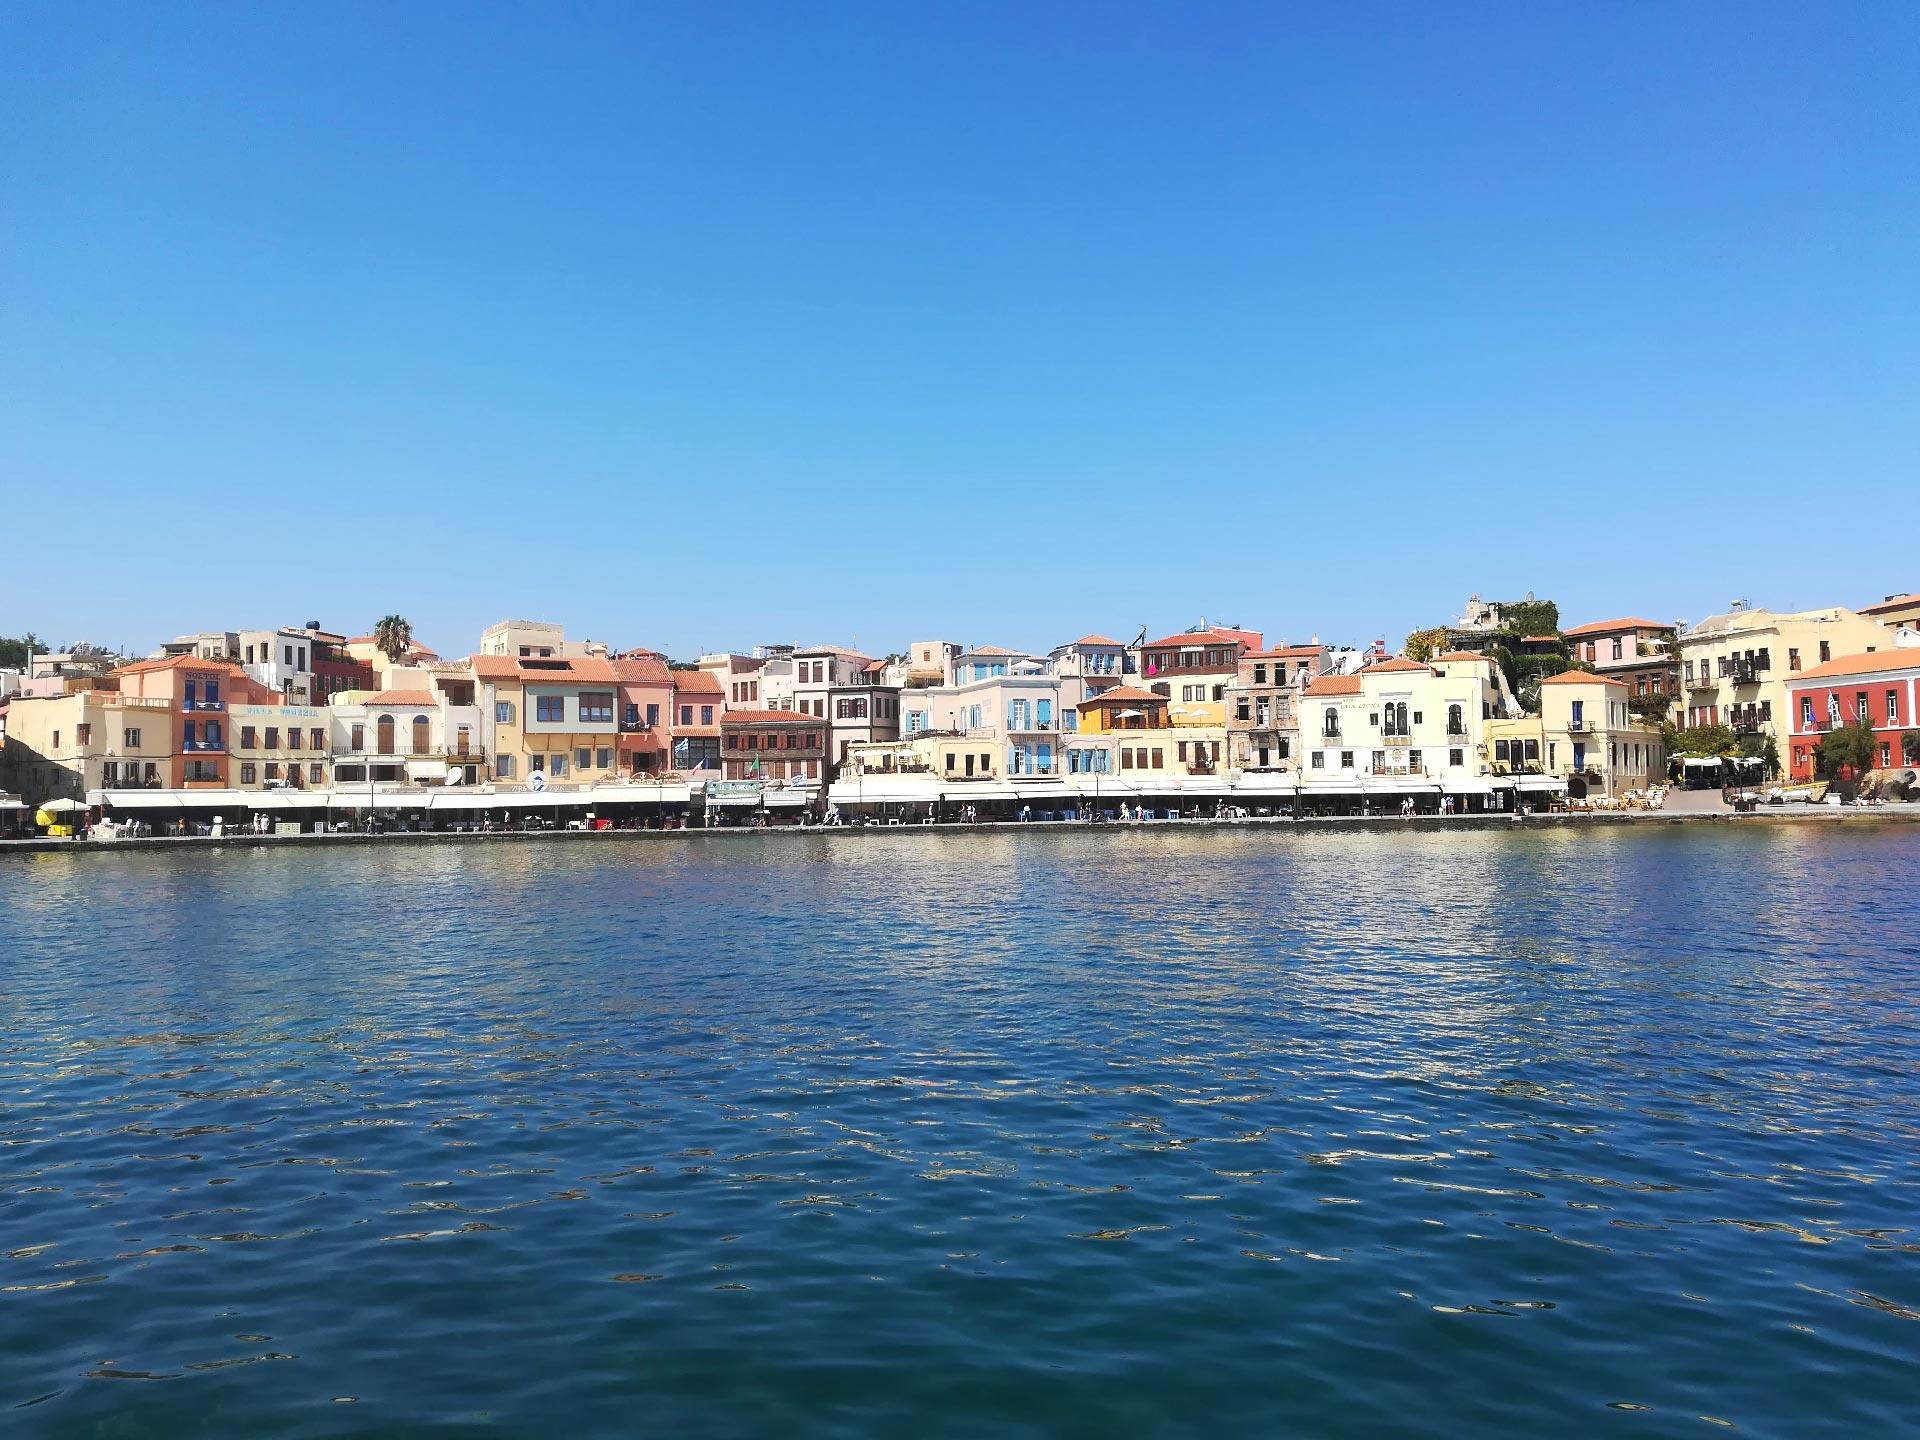 Il Porto veneziano di Chania